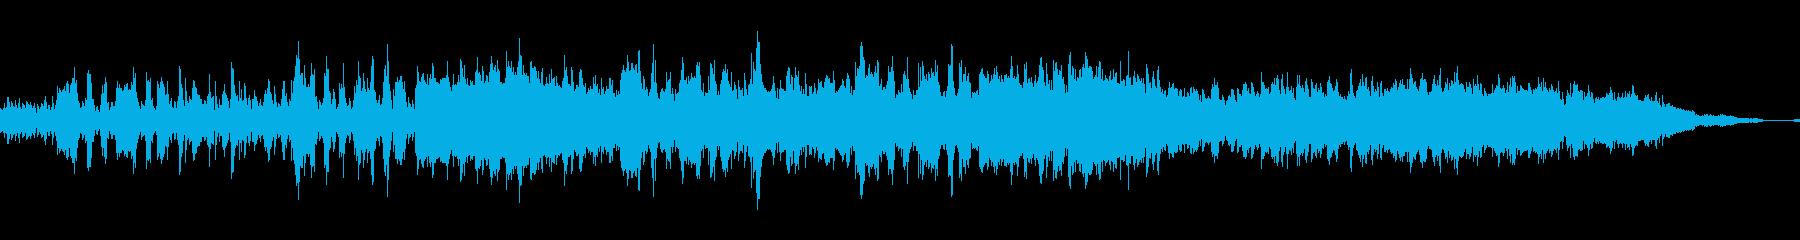 ストリングスと哀愁漂うRPG風の楽曲の再生済みの波形